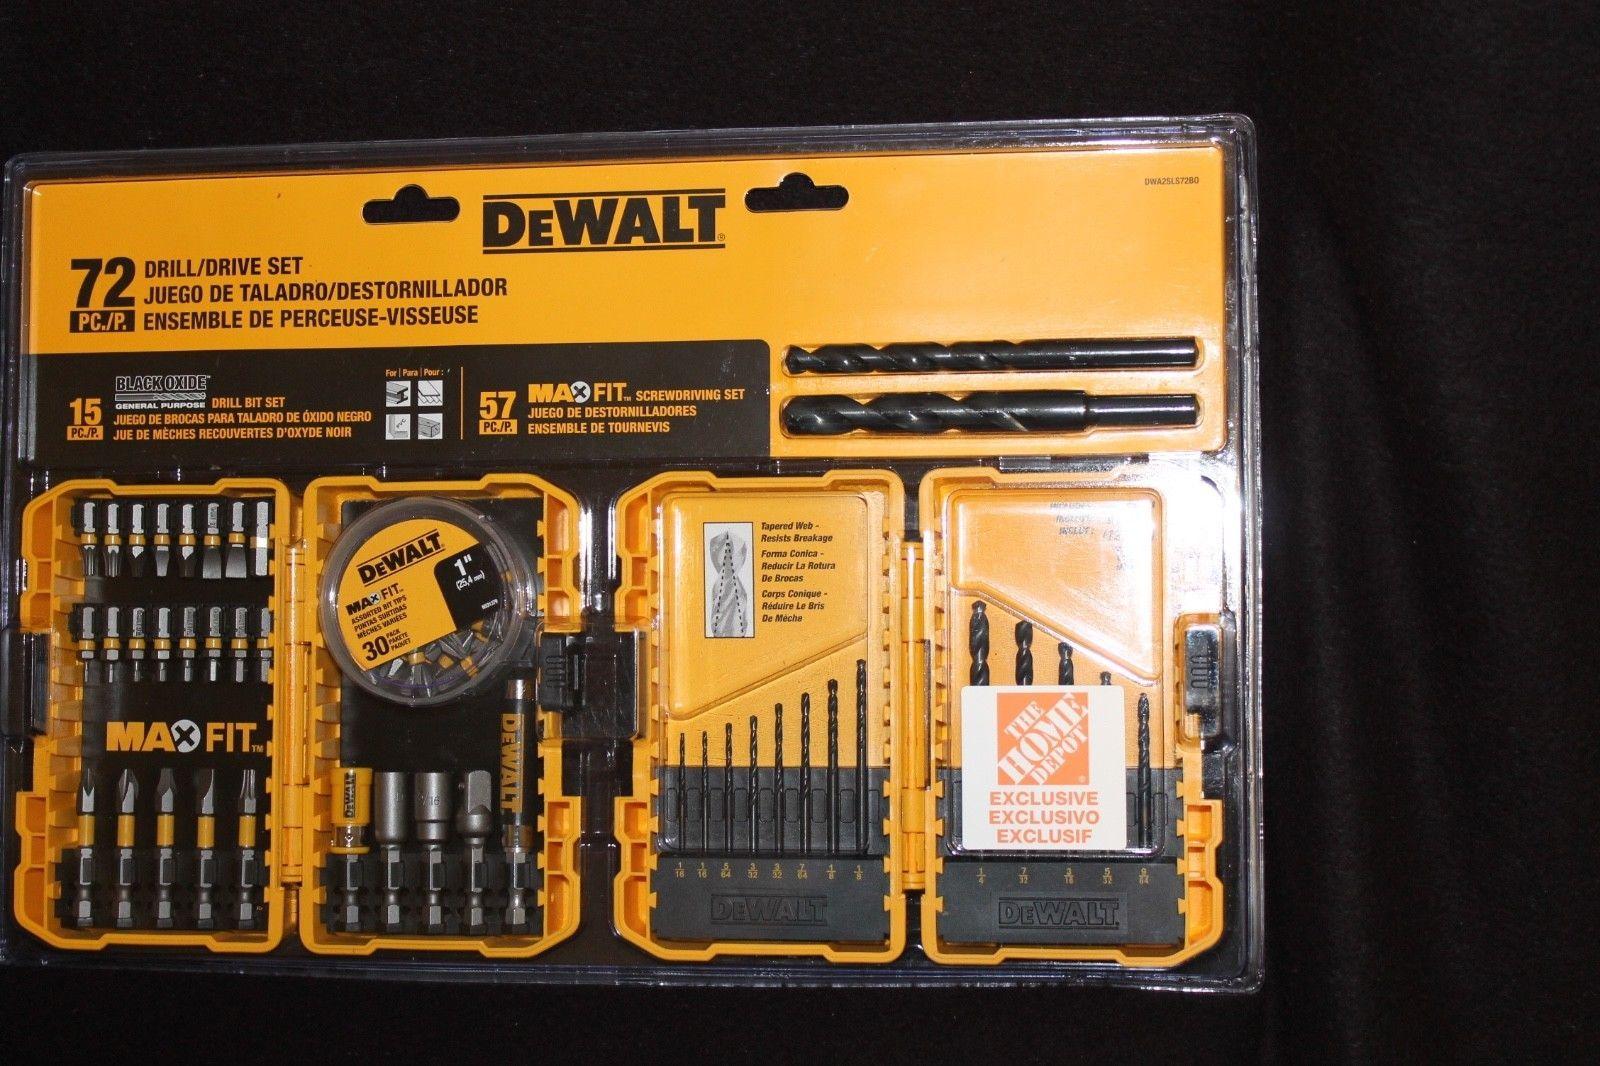 DeWalt - MaxFit Drill/Drive Set (72-Piece) and 50 similar items